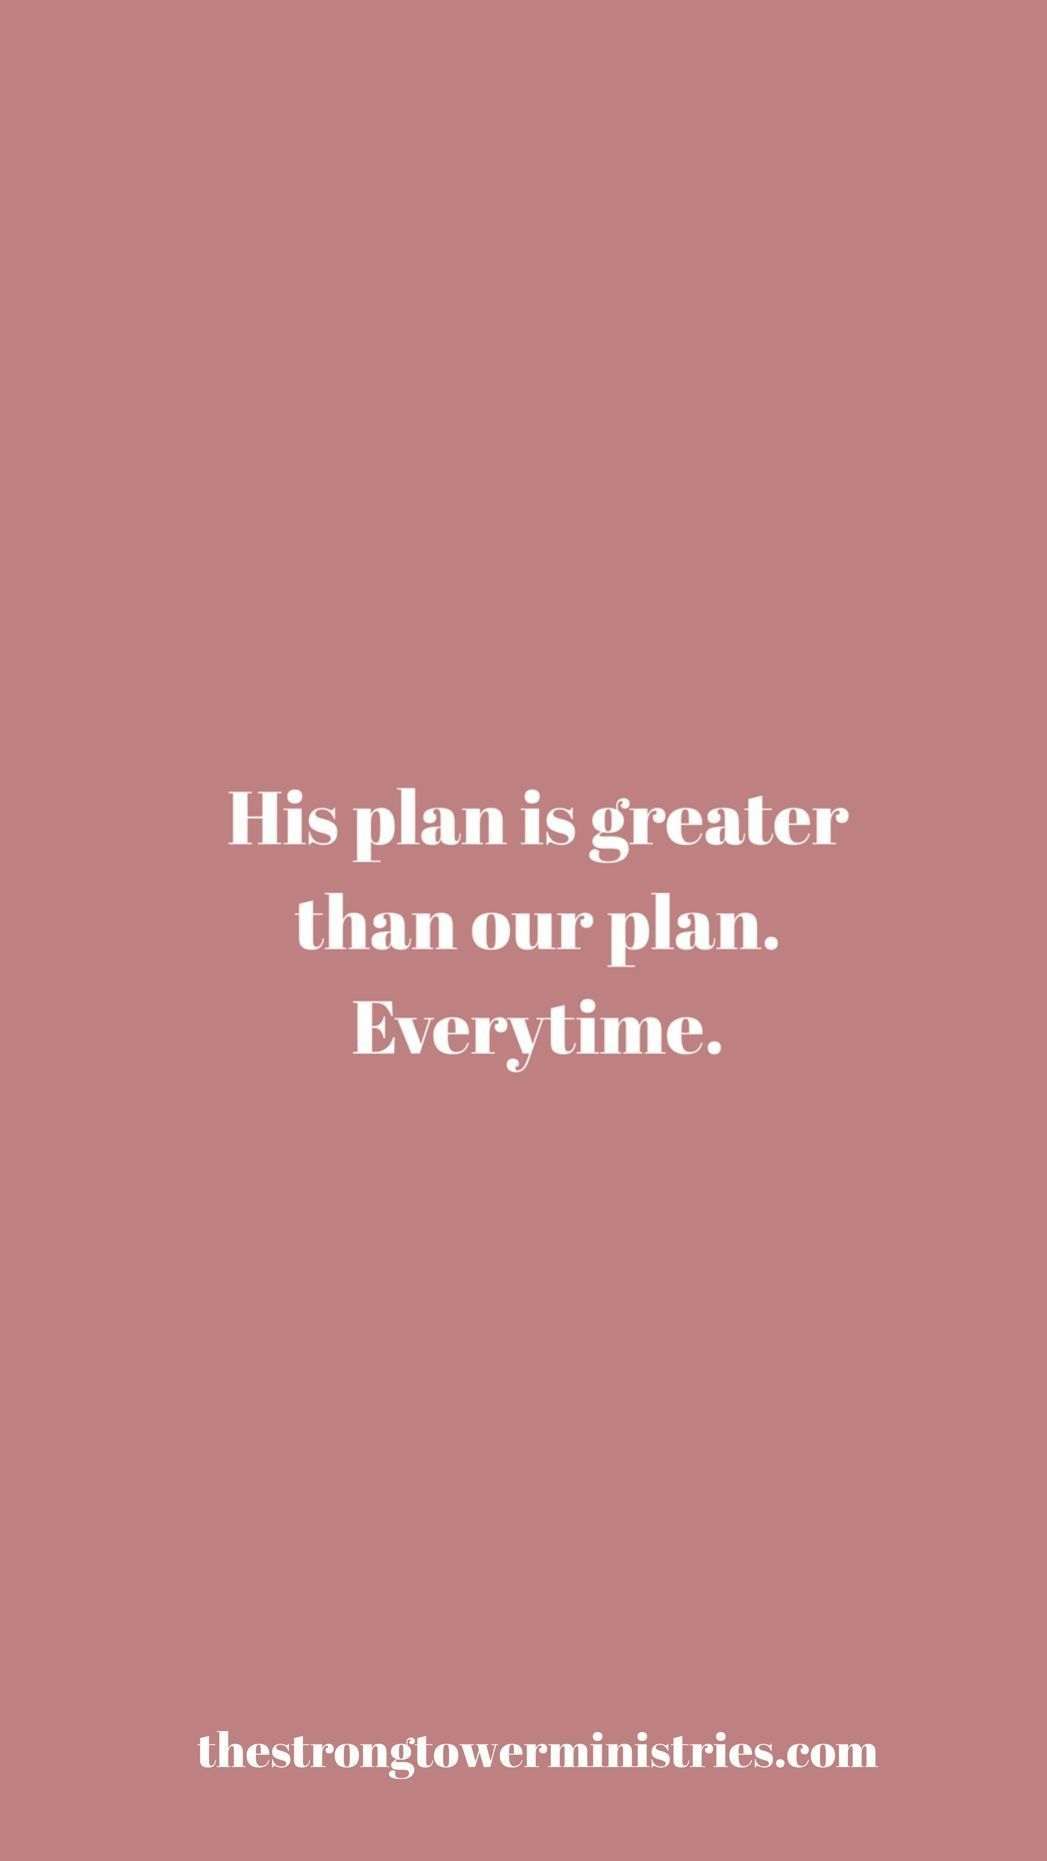 Zitate für Frauen | Ermutigende und inspirierende Zitate Christliche Blogs für...